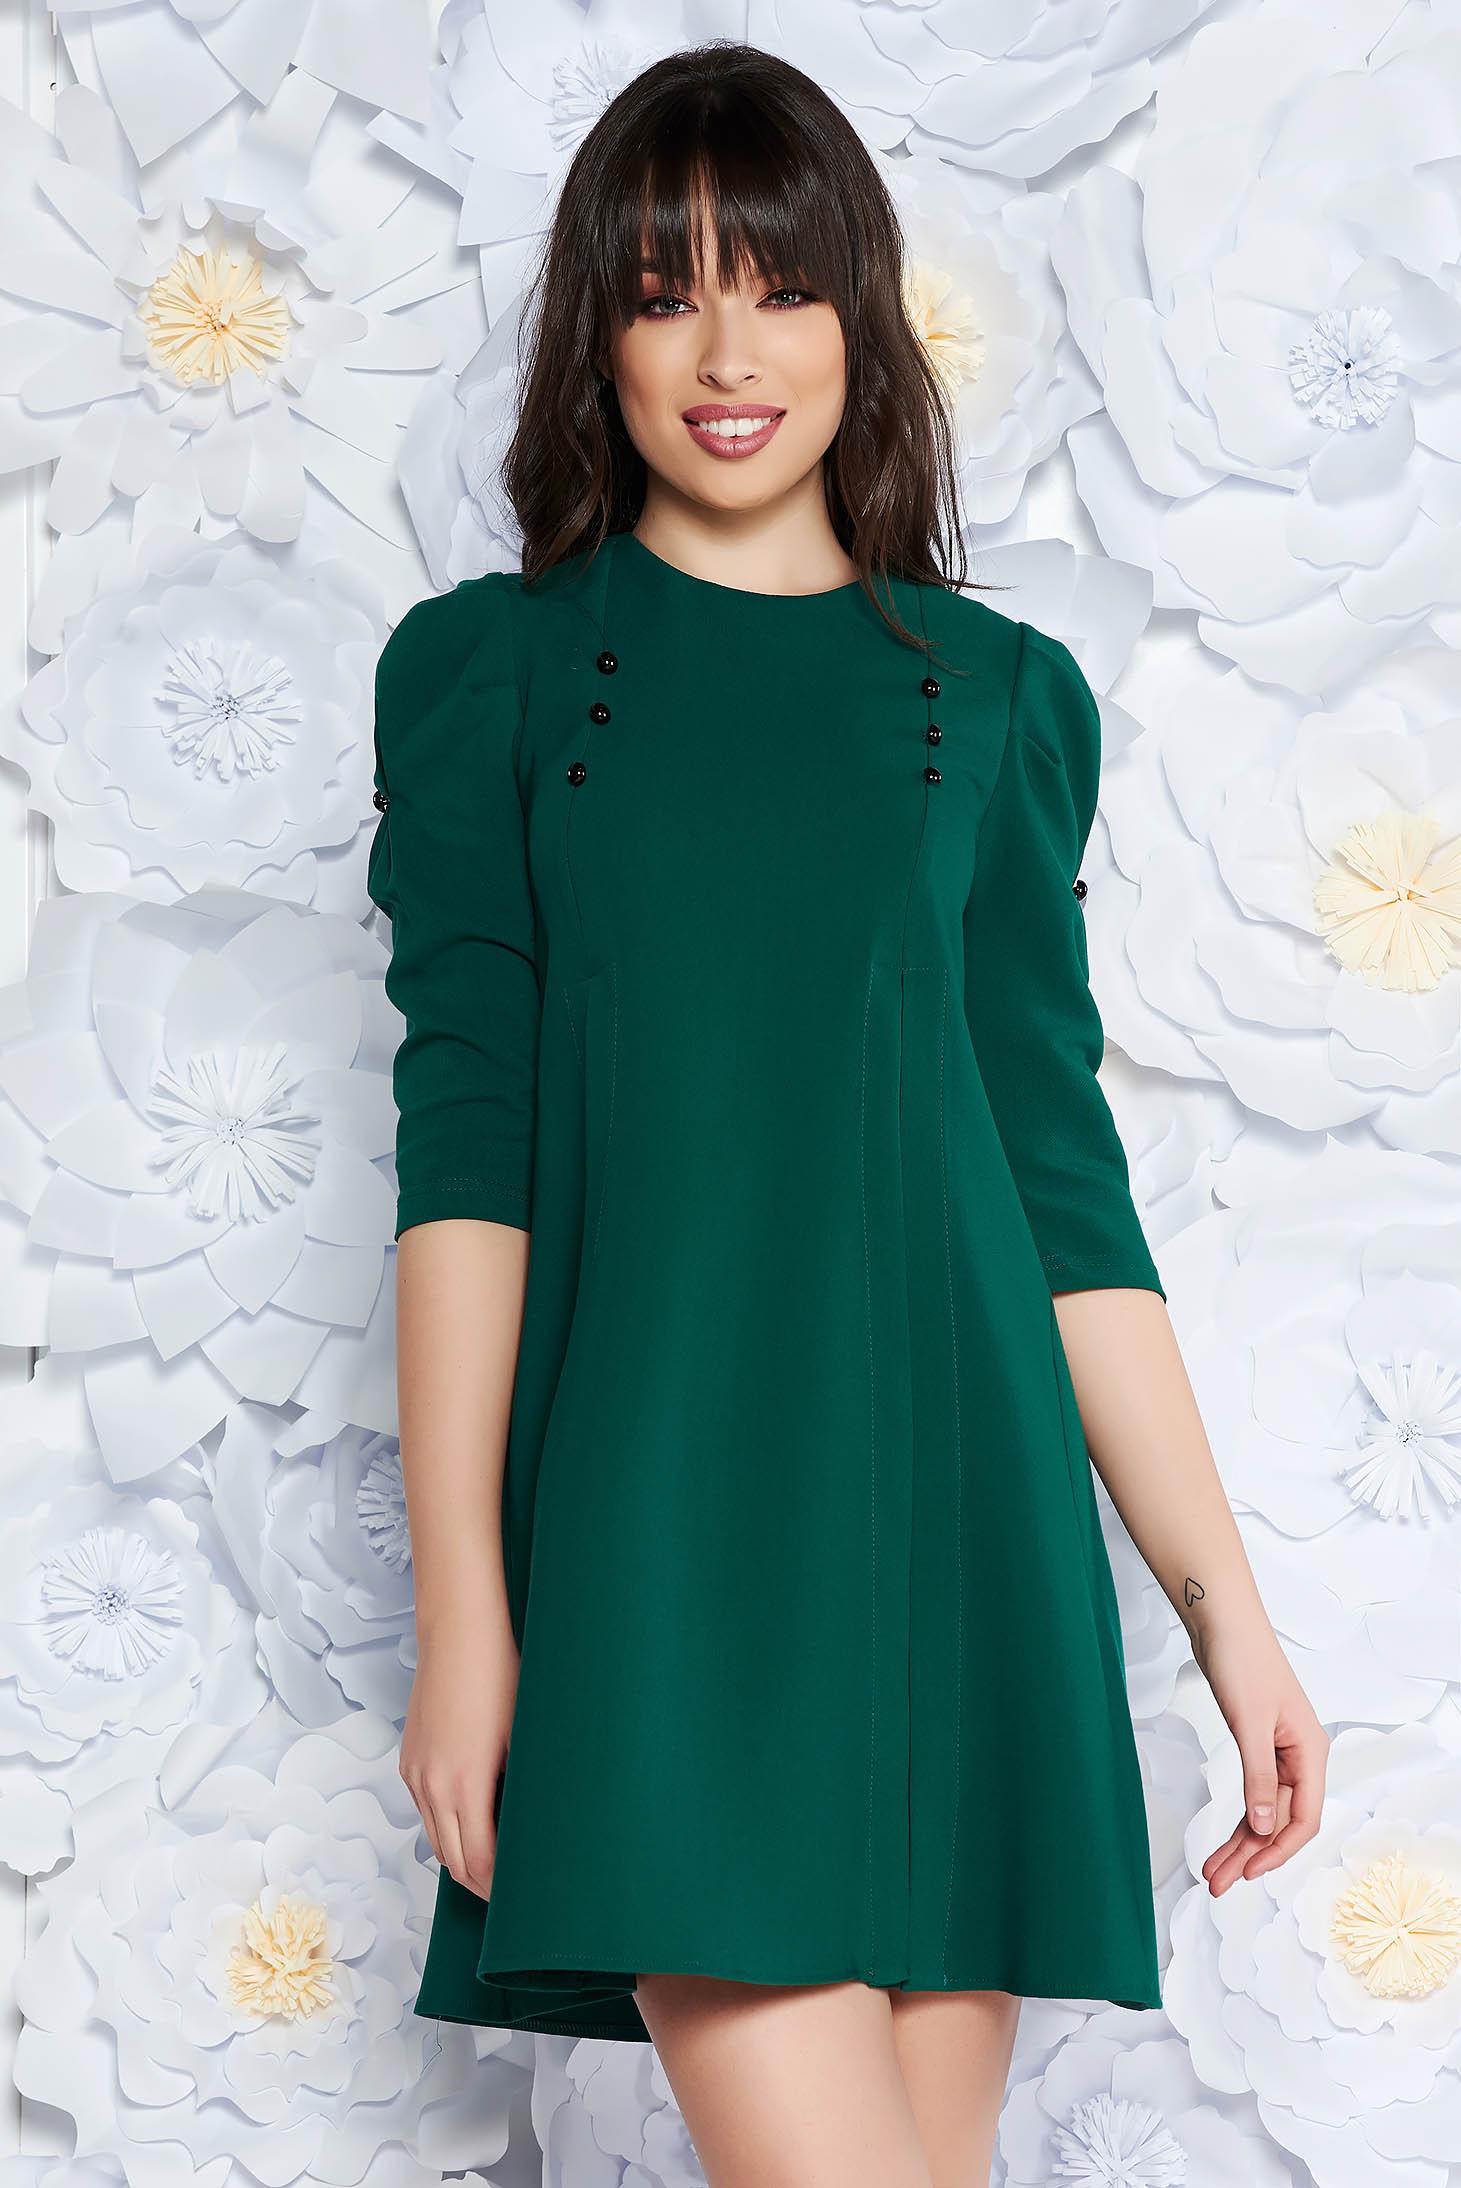 Rochie Artista verde de zi cu croi larg din stofa usor elastica accesorizata cu nasturi cu maneci trei-sferturi